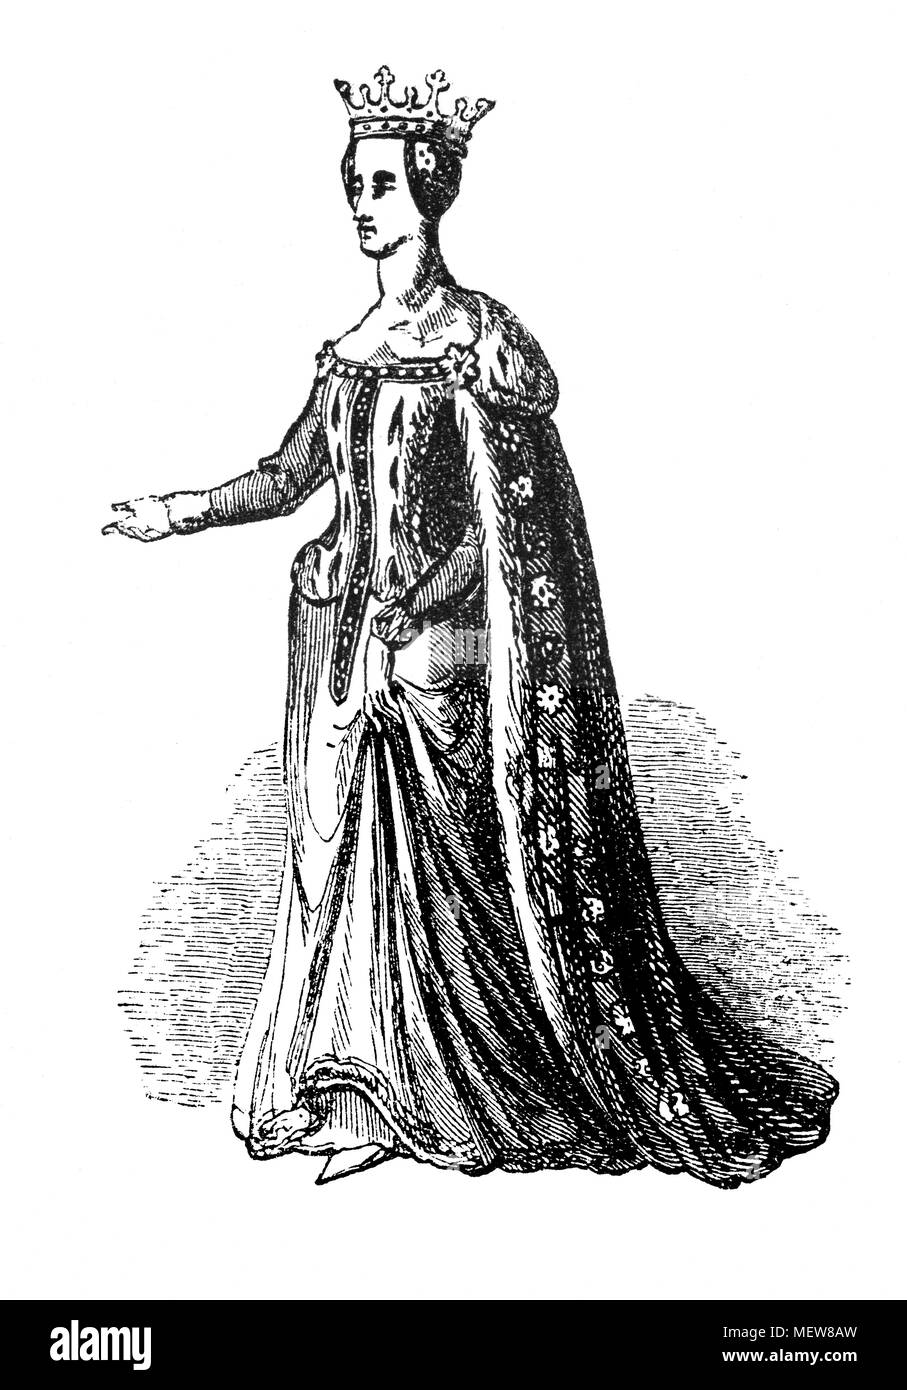 637fba25ed6cf Catherine de Valois (1401 - 1437 était la reine consort d Angleterre depuis  1420 jusqu à 1422.